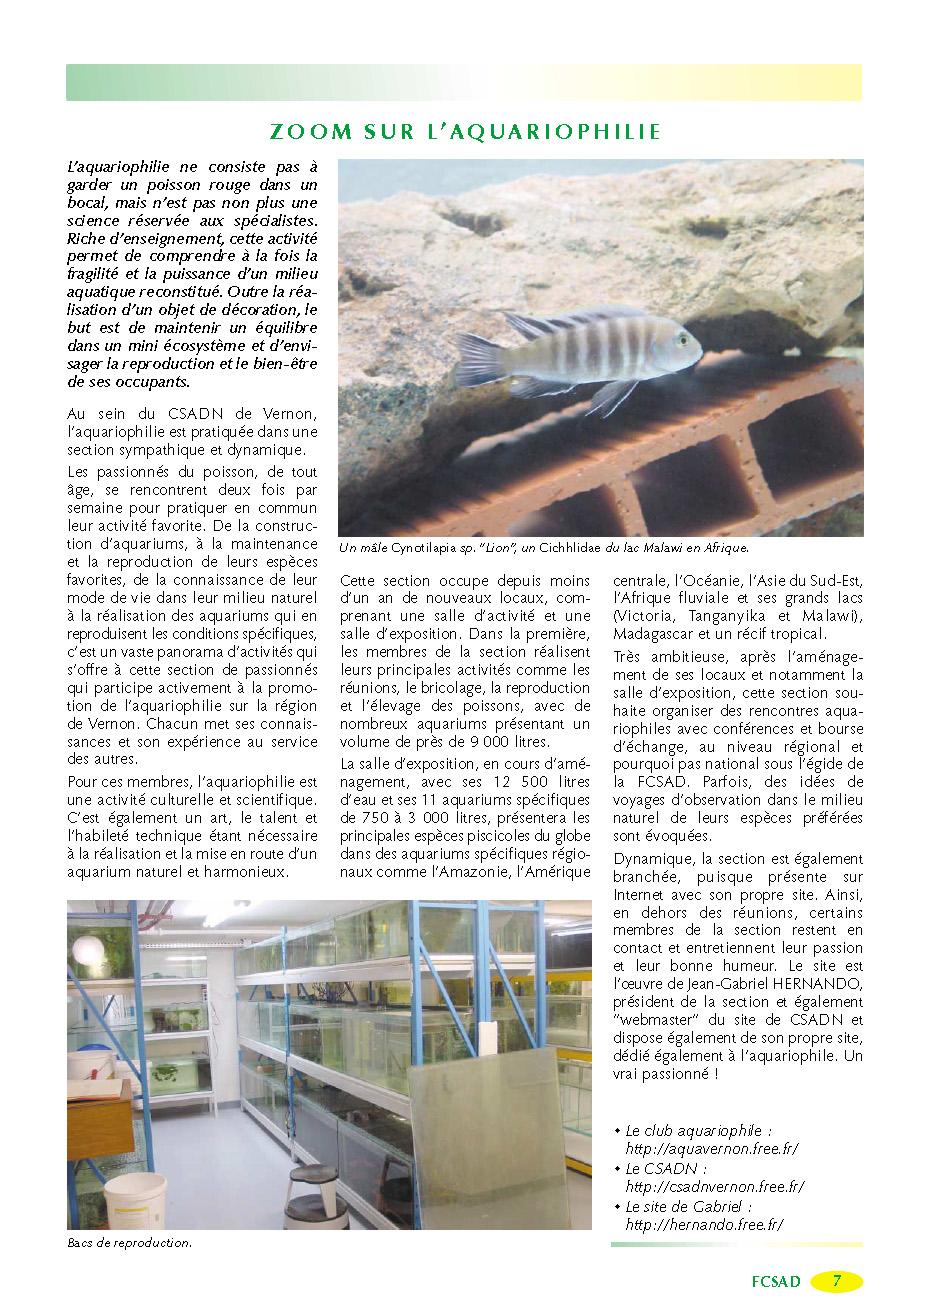 FCSAD - A Armes égales n° 17 - Septembre 2002 - Zoom sur l'Aquariophilie